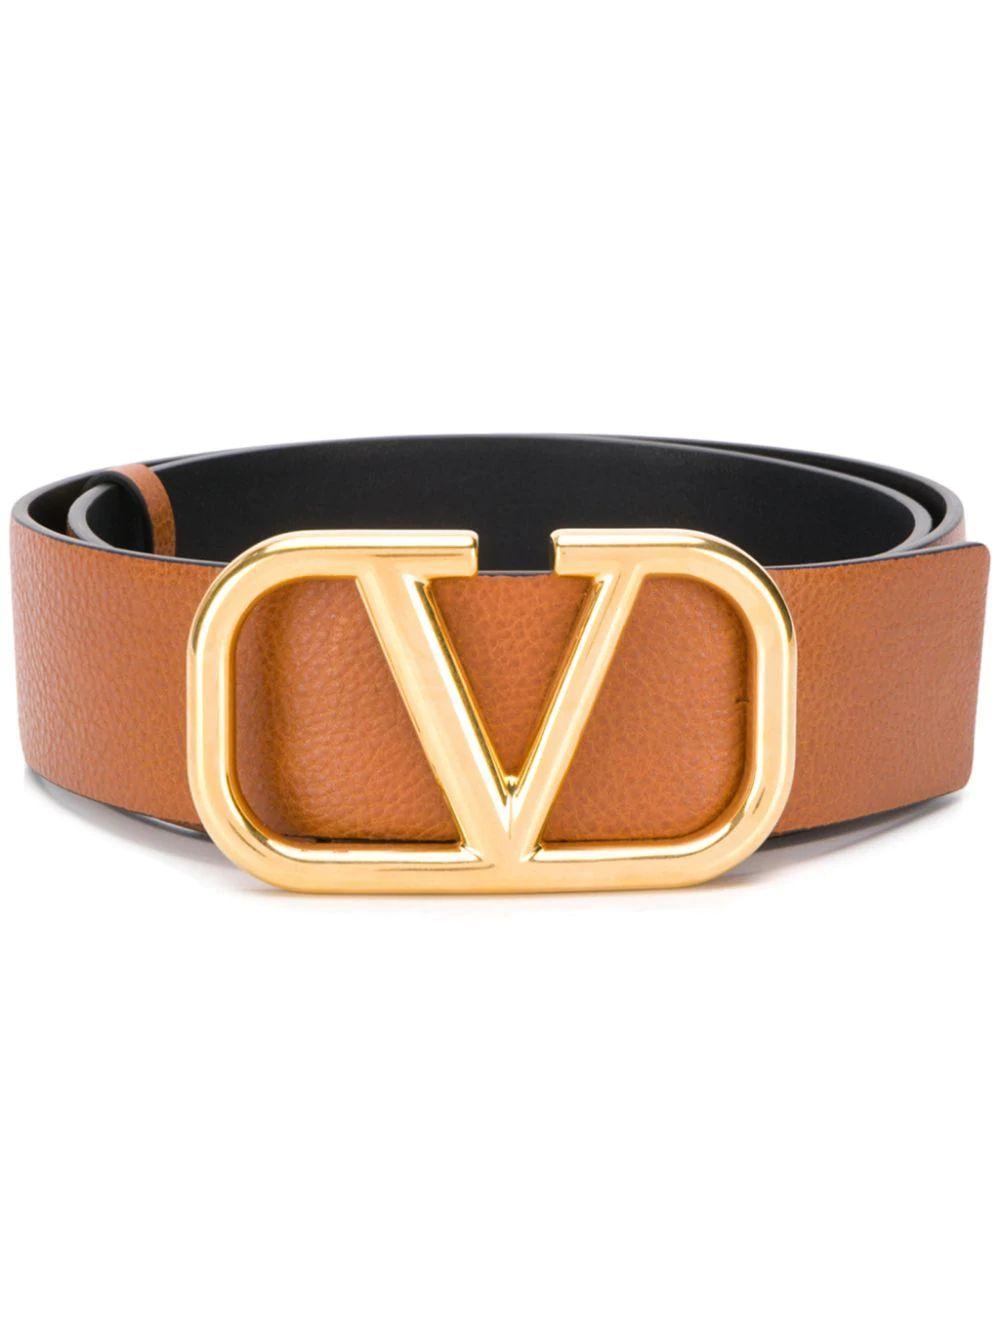 Gold Buckle Reversible Logo Belt Item # VW2T0S11ZHY